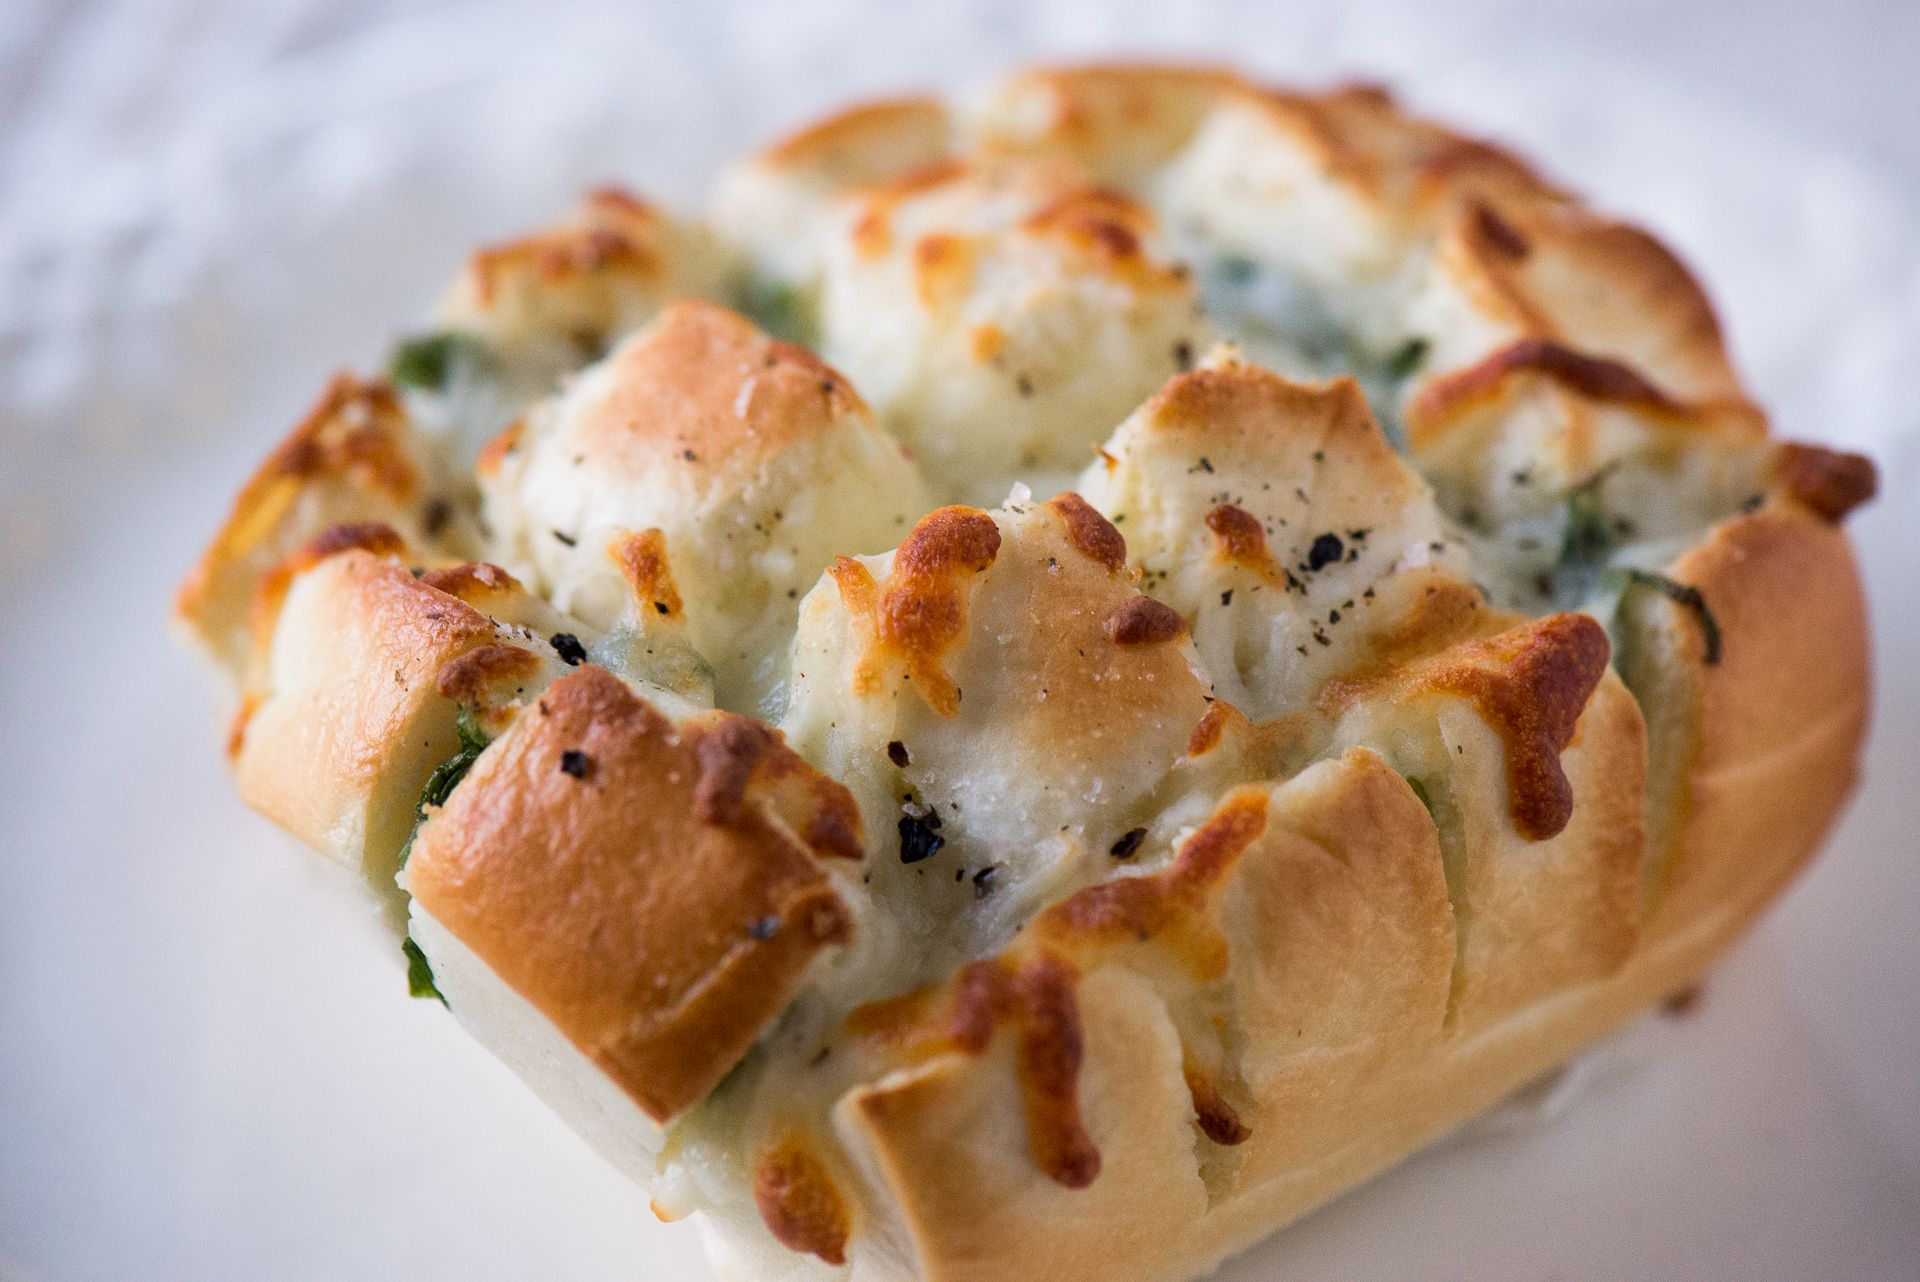 吃膩了饅頭夾蛋嗎?來試試這道華麗變身的烤饅頭吧!這是一道超級容易但讓人食指大動的快速好吃早餐(其實當宵夜也很合適)。 做法很簡單,饅頭用刀子切成棋盤格,要小心不要切斷,再把蔥塞到每個縫隙中,最後把馬芝瑞拉cheese也塞到饅頭間隔中,再撒上 […]